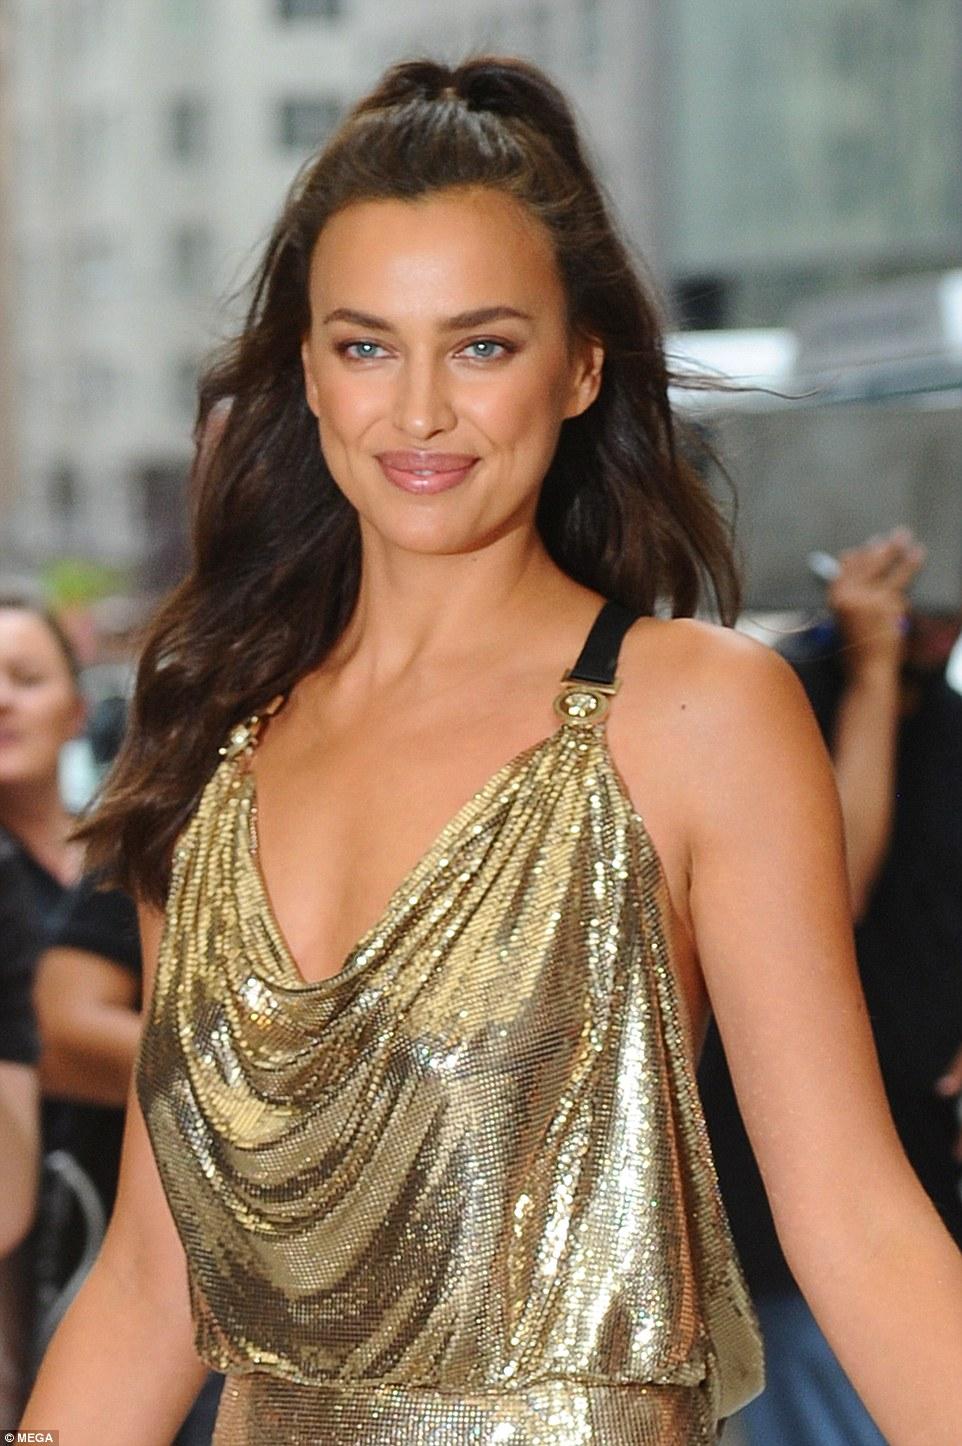 Известные модели пренебрегли нижним бельем на Fashion Media Awards — фото